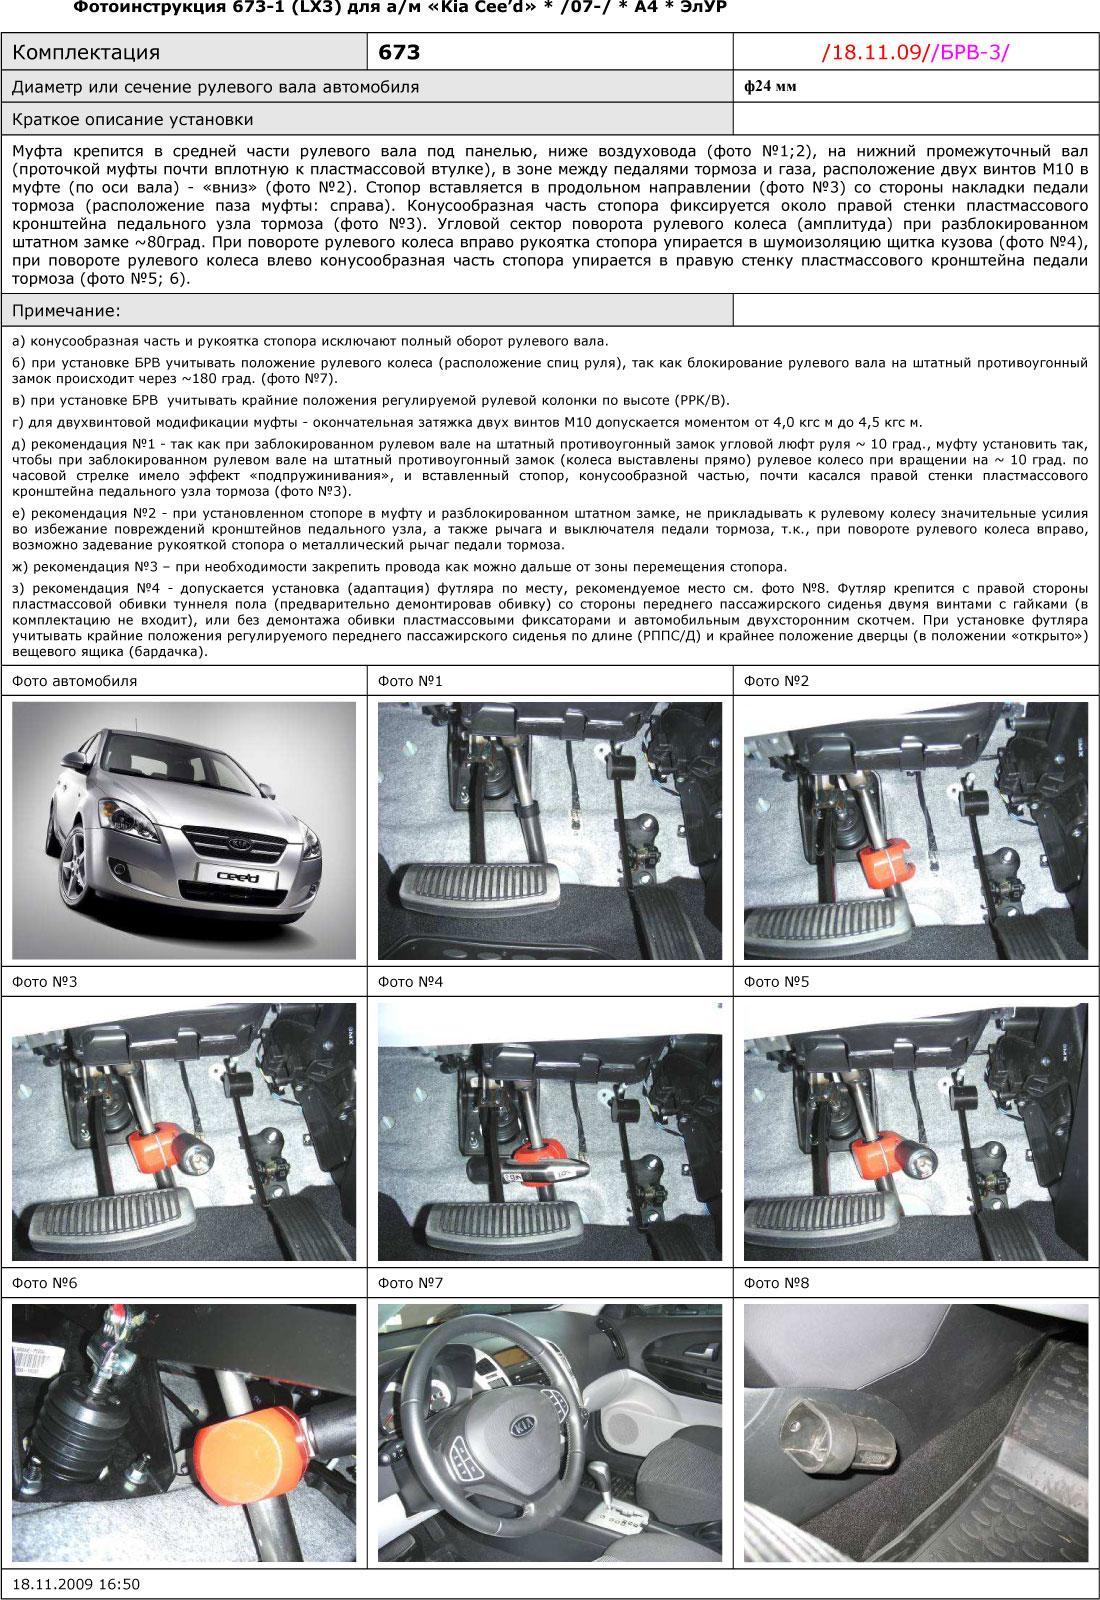 Блокиратор рулевого вала для KIA CEE'D /2007-2012/ А ЭлУР - Гарант Блок Люкс 673.E